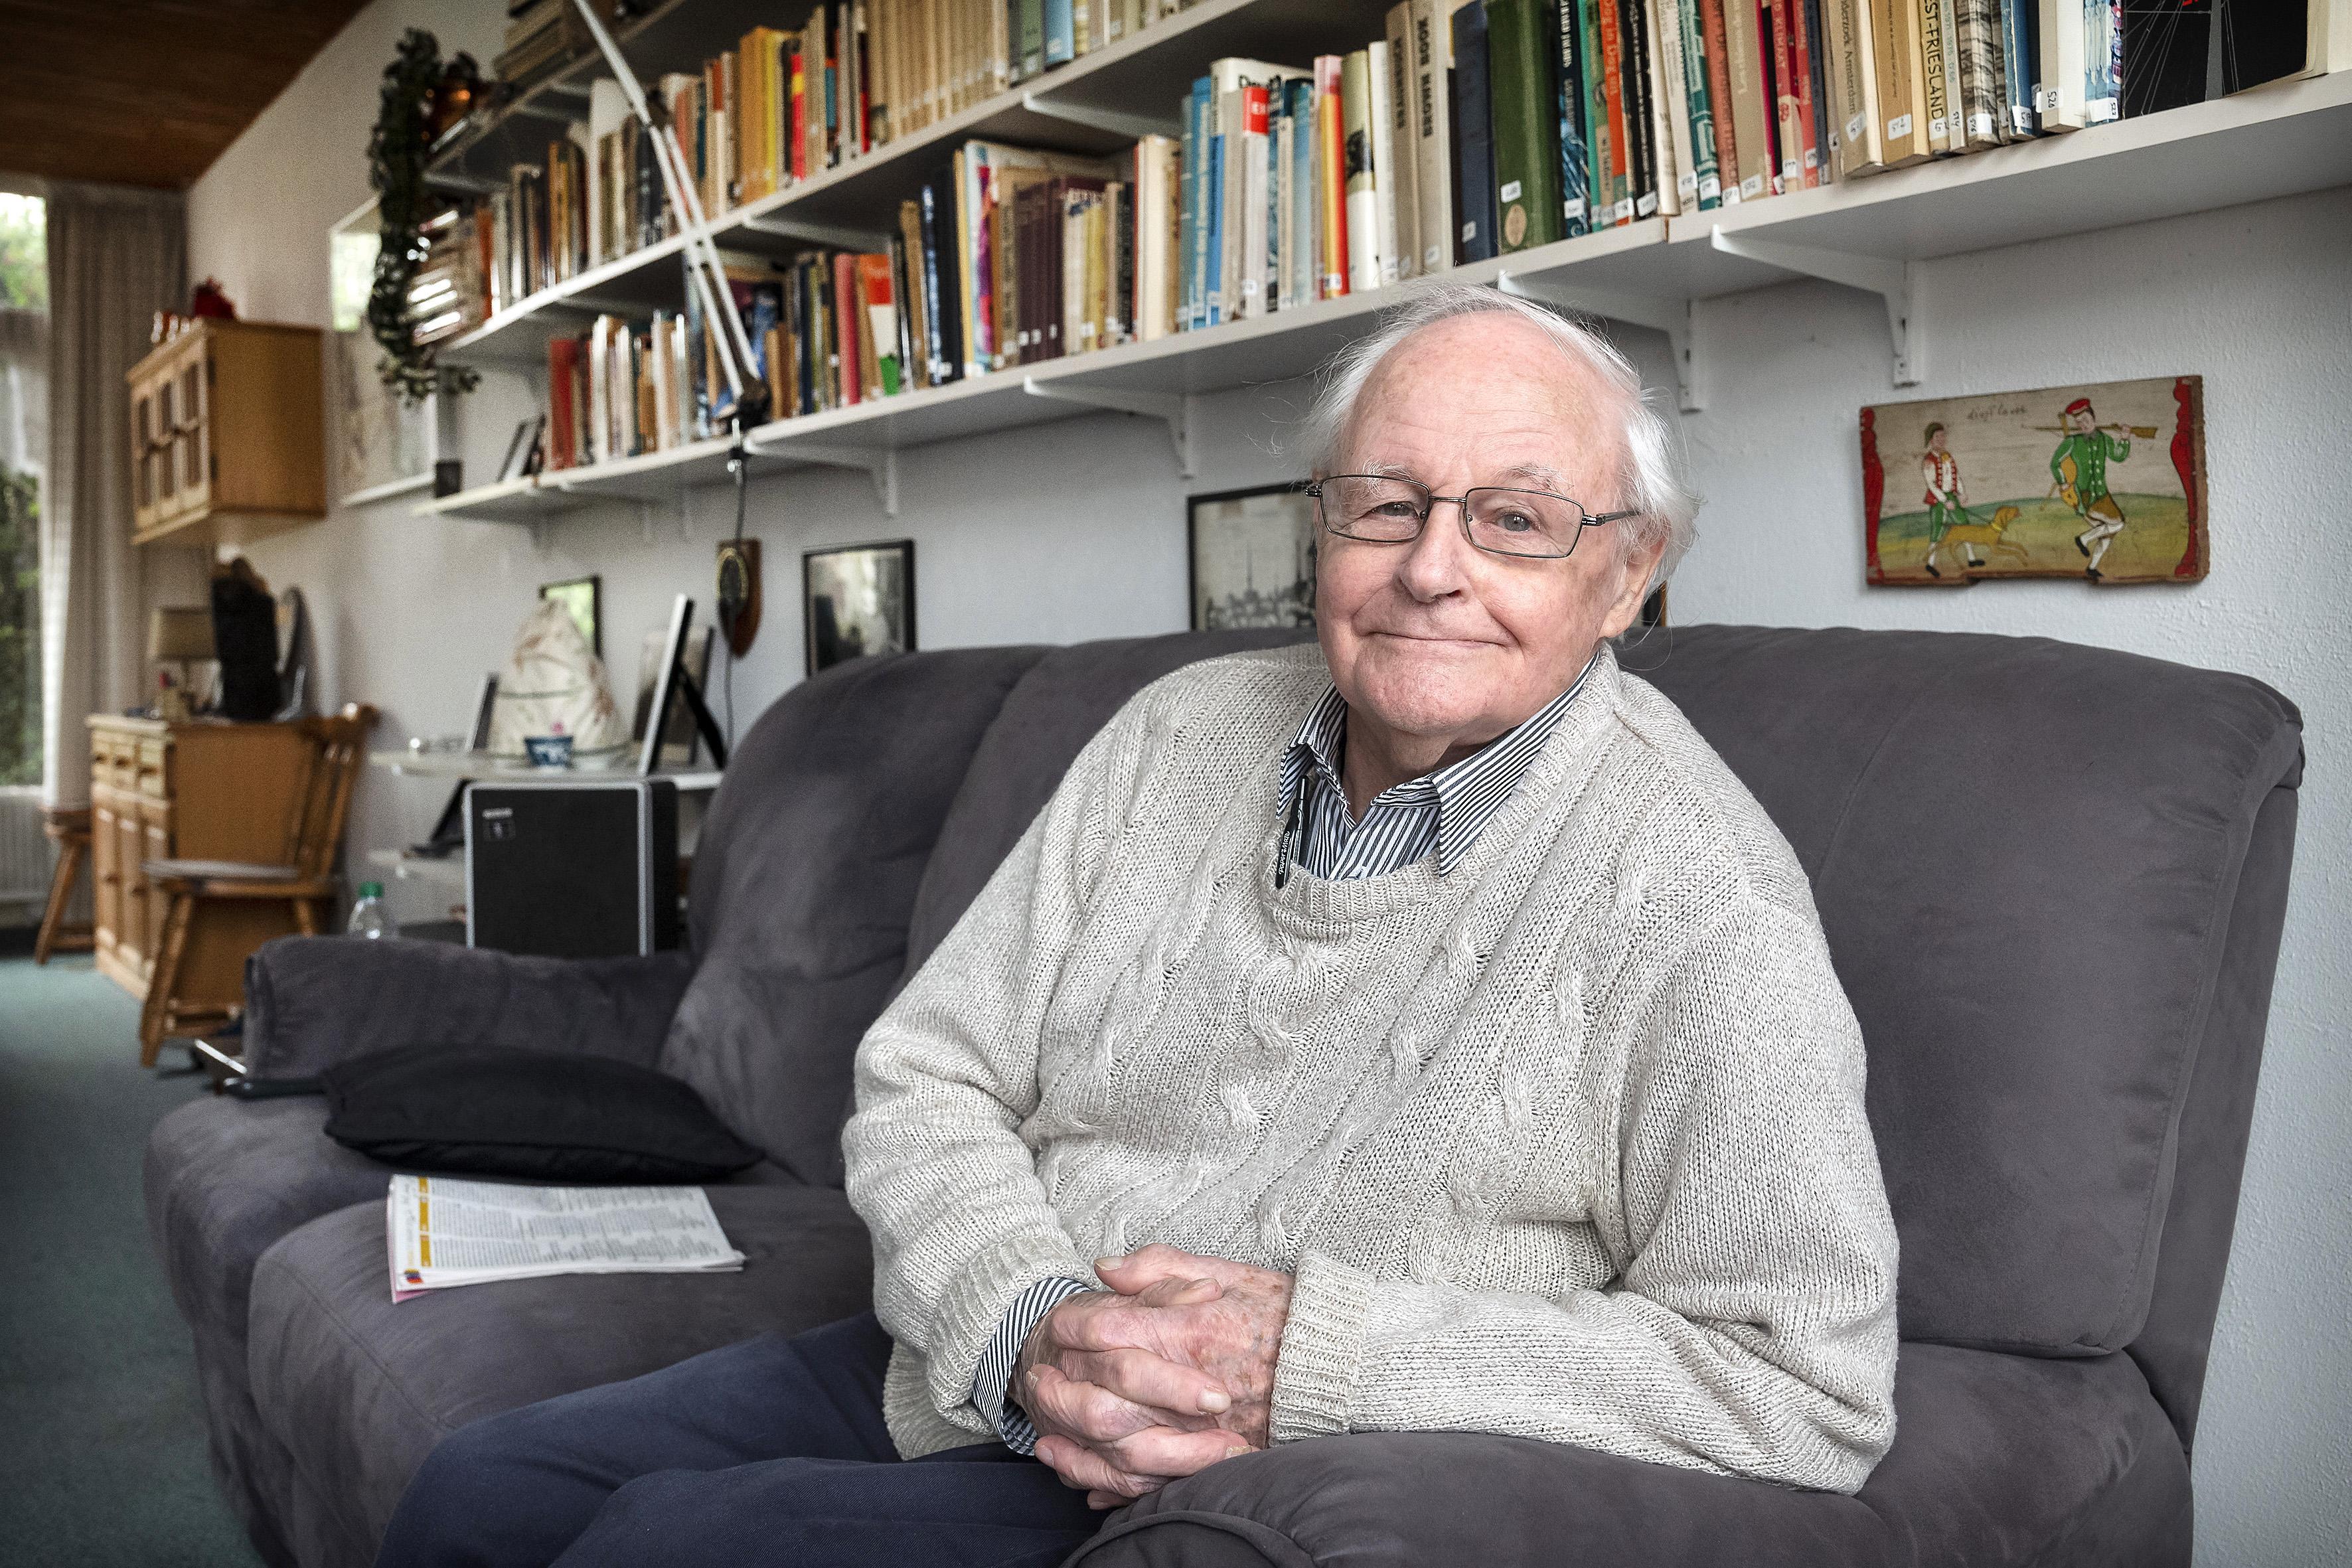 Dick Verkijk zag in 1945 luchtaanval op Haarlemse kinderen: 'De Engelse piloot dacht natuurlijk 'Hé, een moffenauto, schieten!'